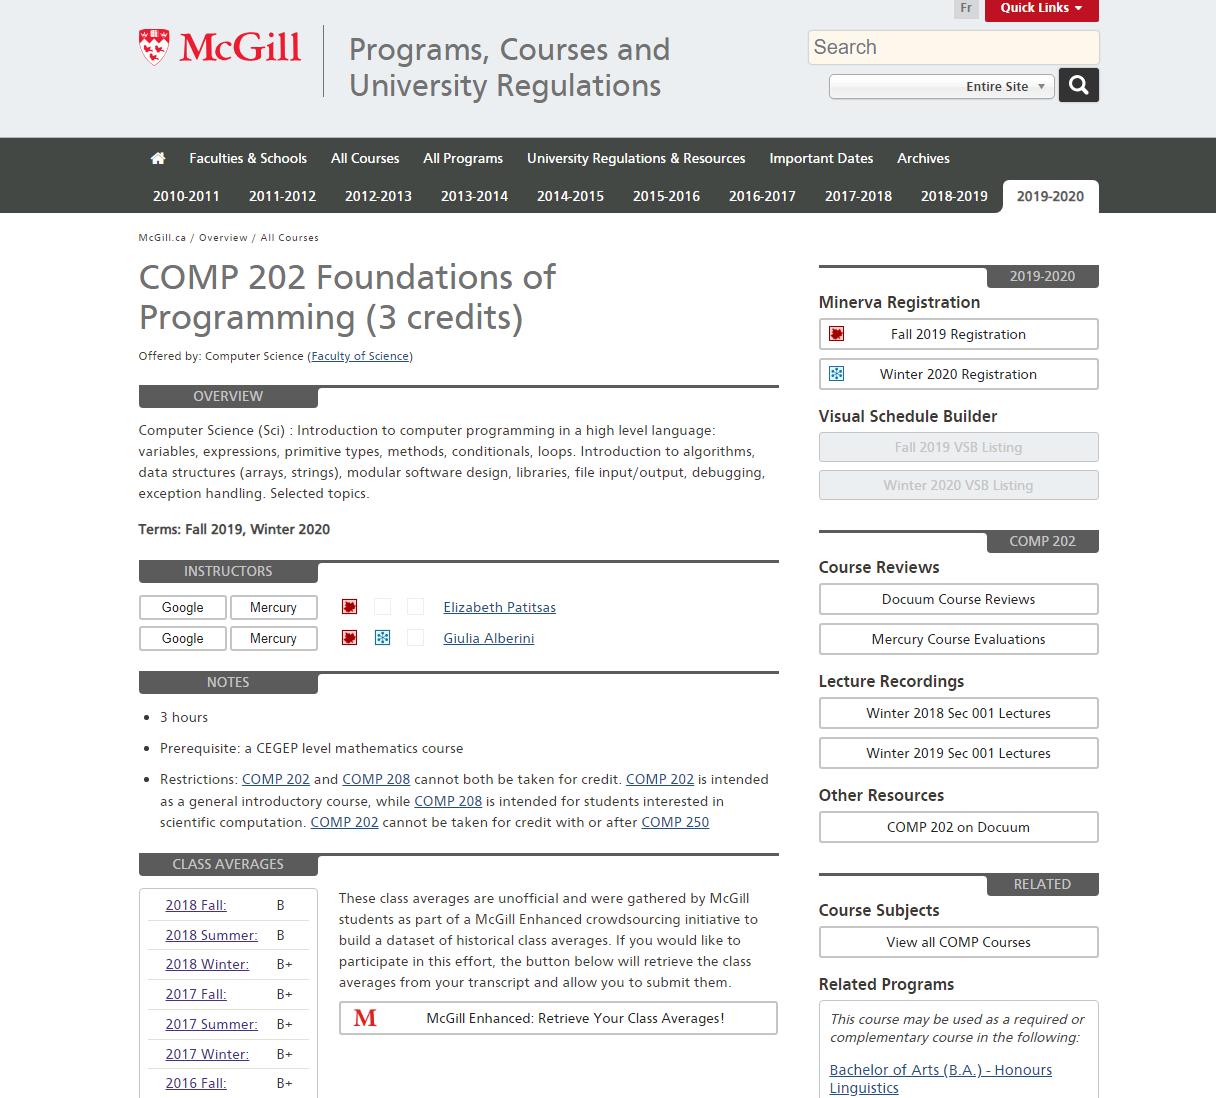 2019-2020 Courses Available On The Ecalendar : Mcgill Mcgill E Calendar 2019